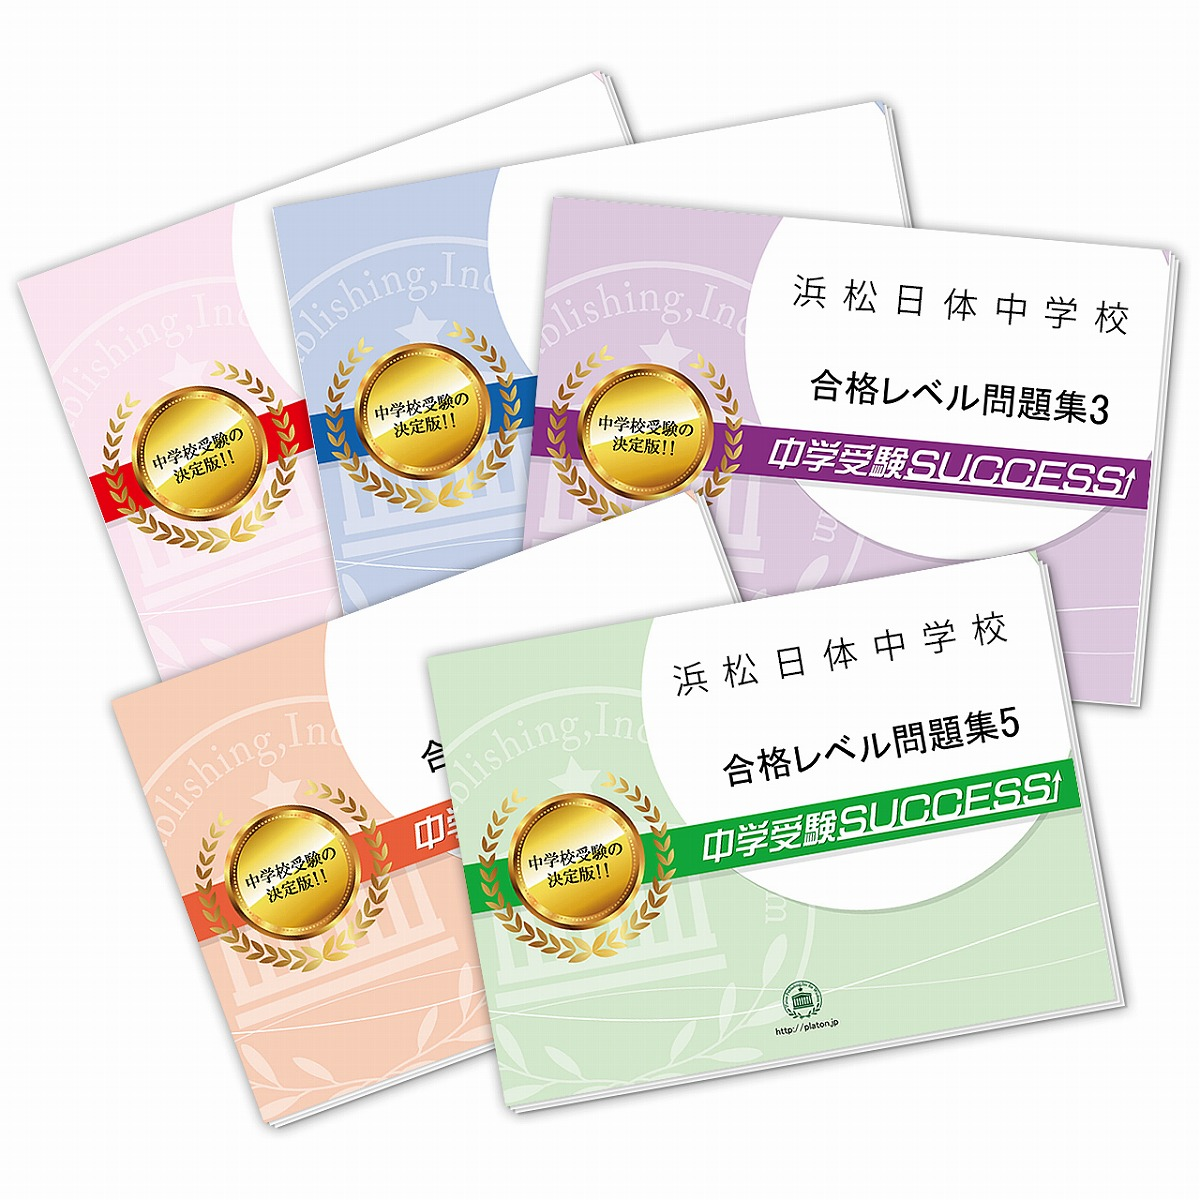 【送料・代引手数料無料】浜松日体中学校・直前対策合格セット(5冊)